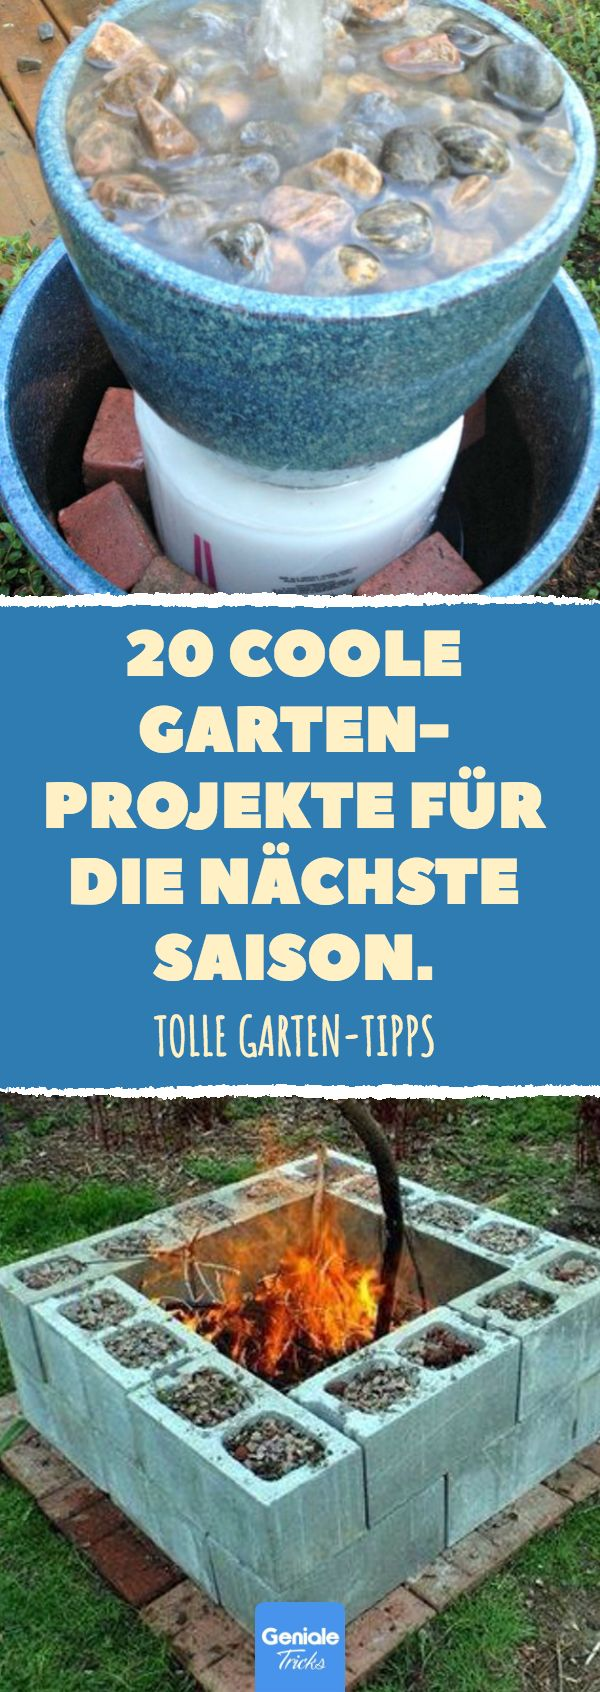 20 coole Gartenprojekte für die nächste Saison. – Geniale Tricks